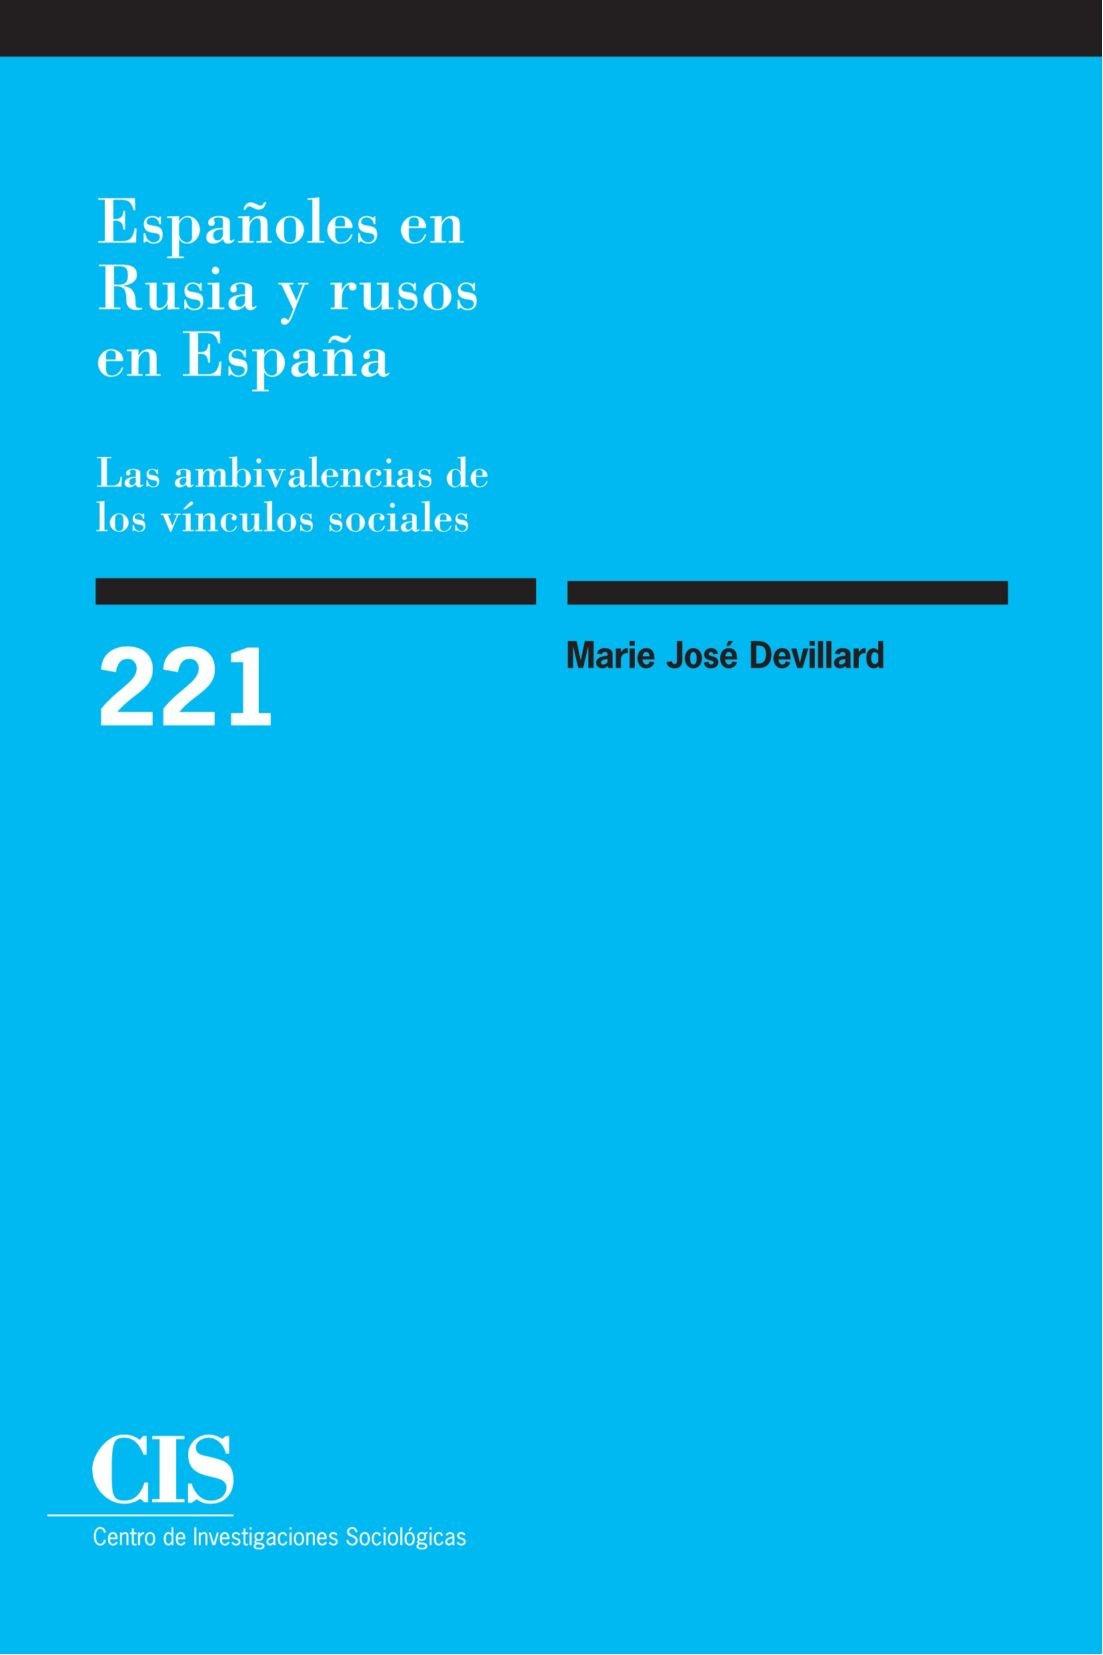 Españoles En Rusia Y Rusos En España. Las Ambivalencias De Los Vínculos Sociales Monografías: Amazon.es: Devillard, Marie José: Libros